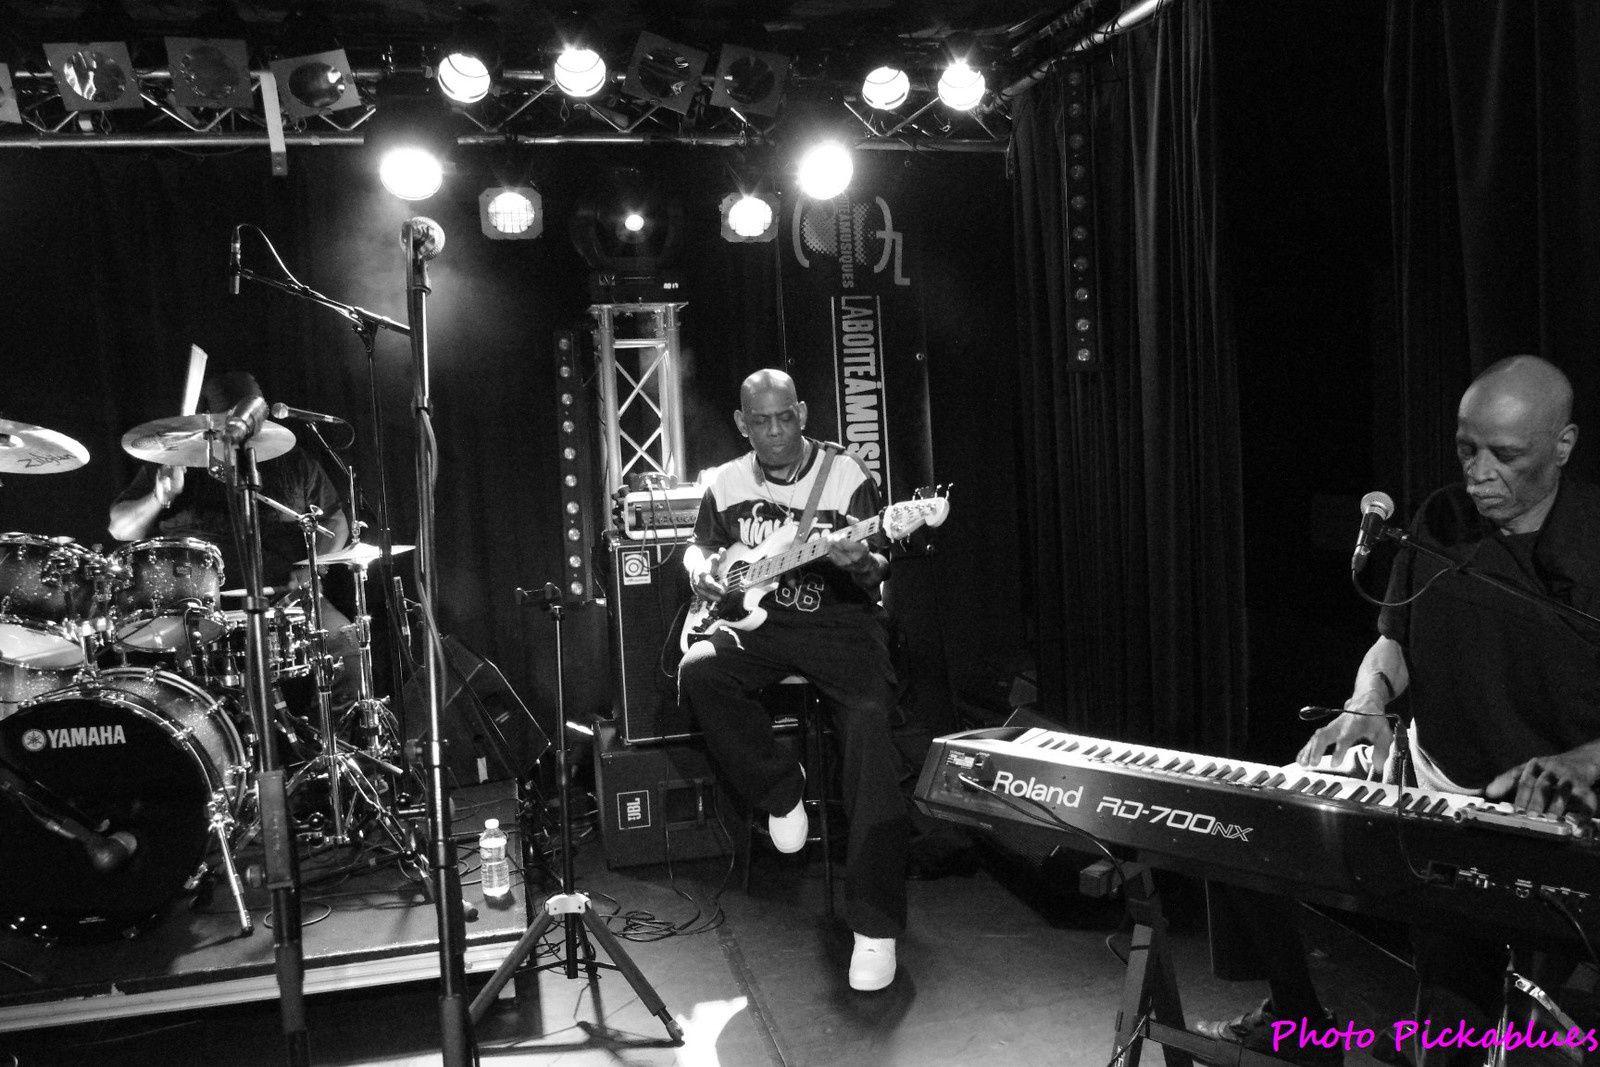 Big James & The Chicago Playboys - 30 avril 2017 - La Boite à Musiques, Wattrelos (59)